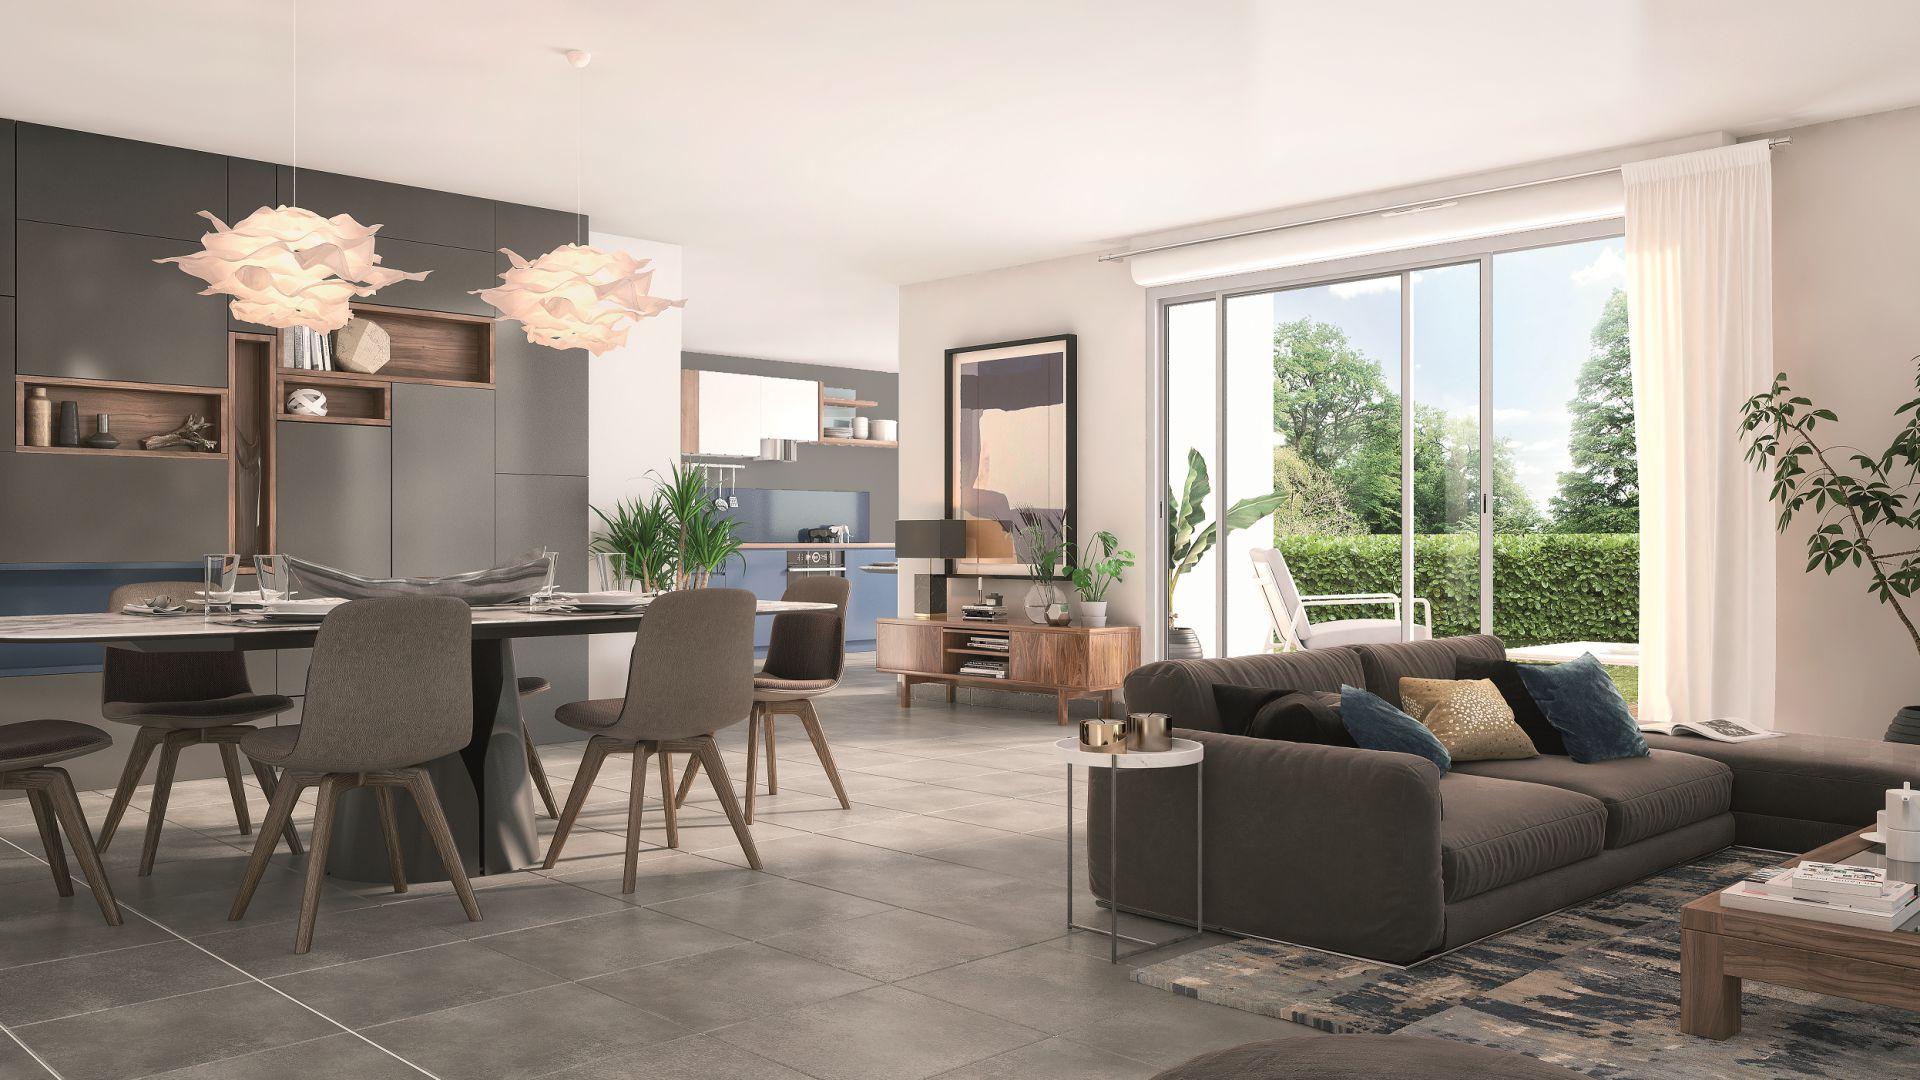 GreenCity immobilier - Aussonne 31840 - Résidence l azalee - achat villa neuve aussonne - T5 - vue intérieure